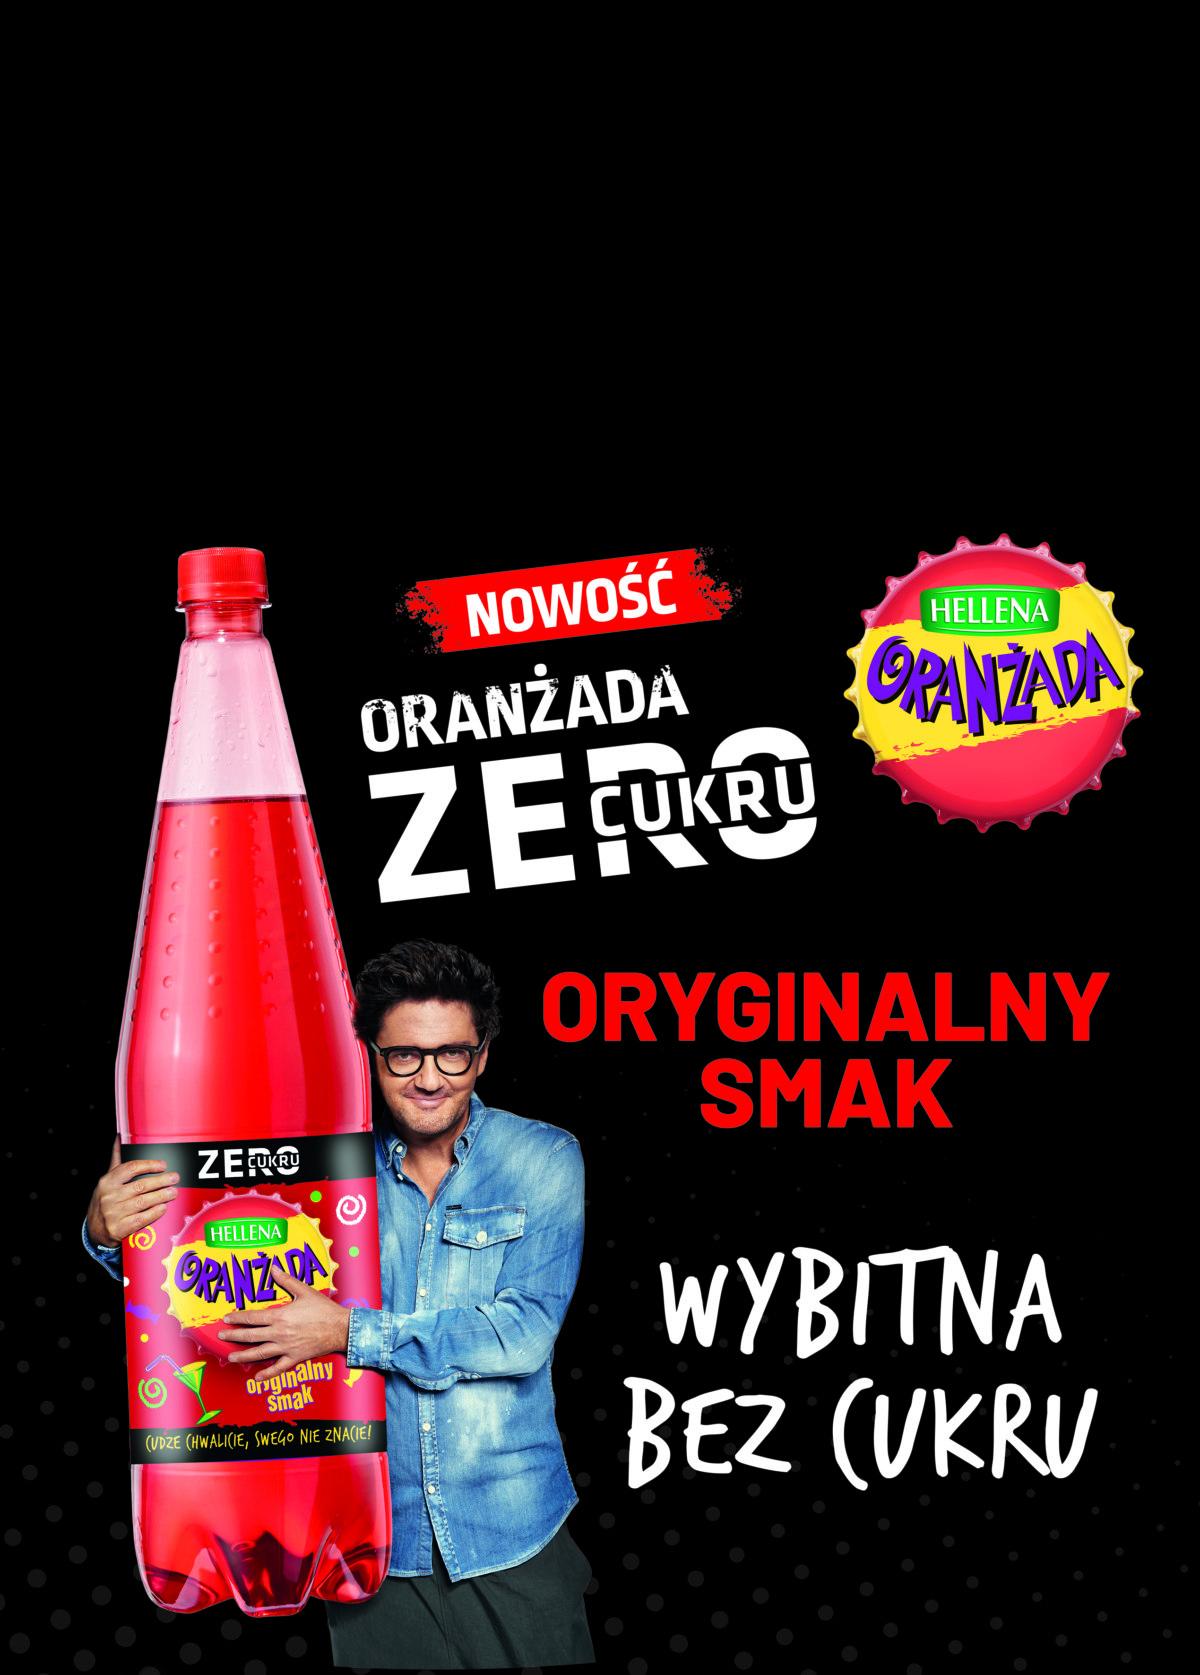 Nowa Kampania Promocyjna Oranżady Hellena Zero Cukru